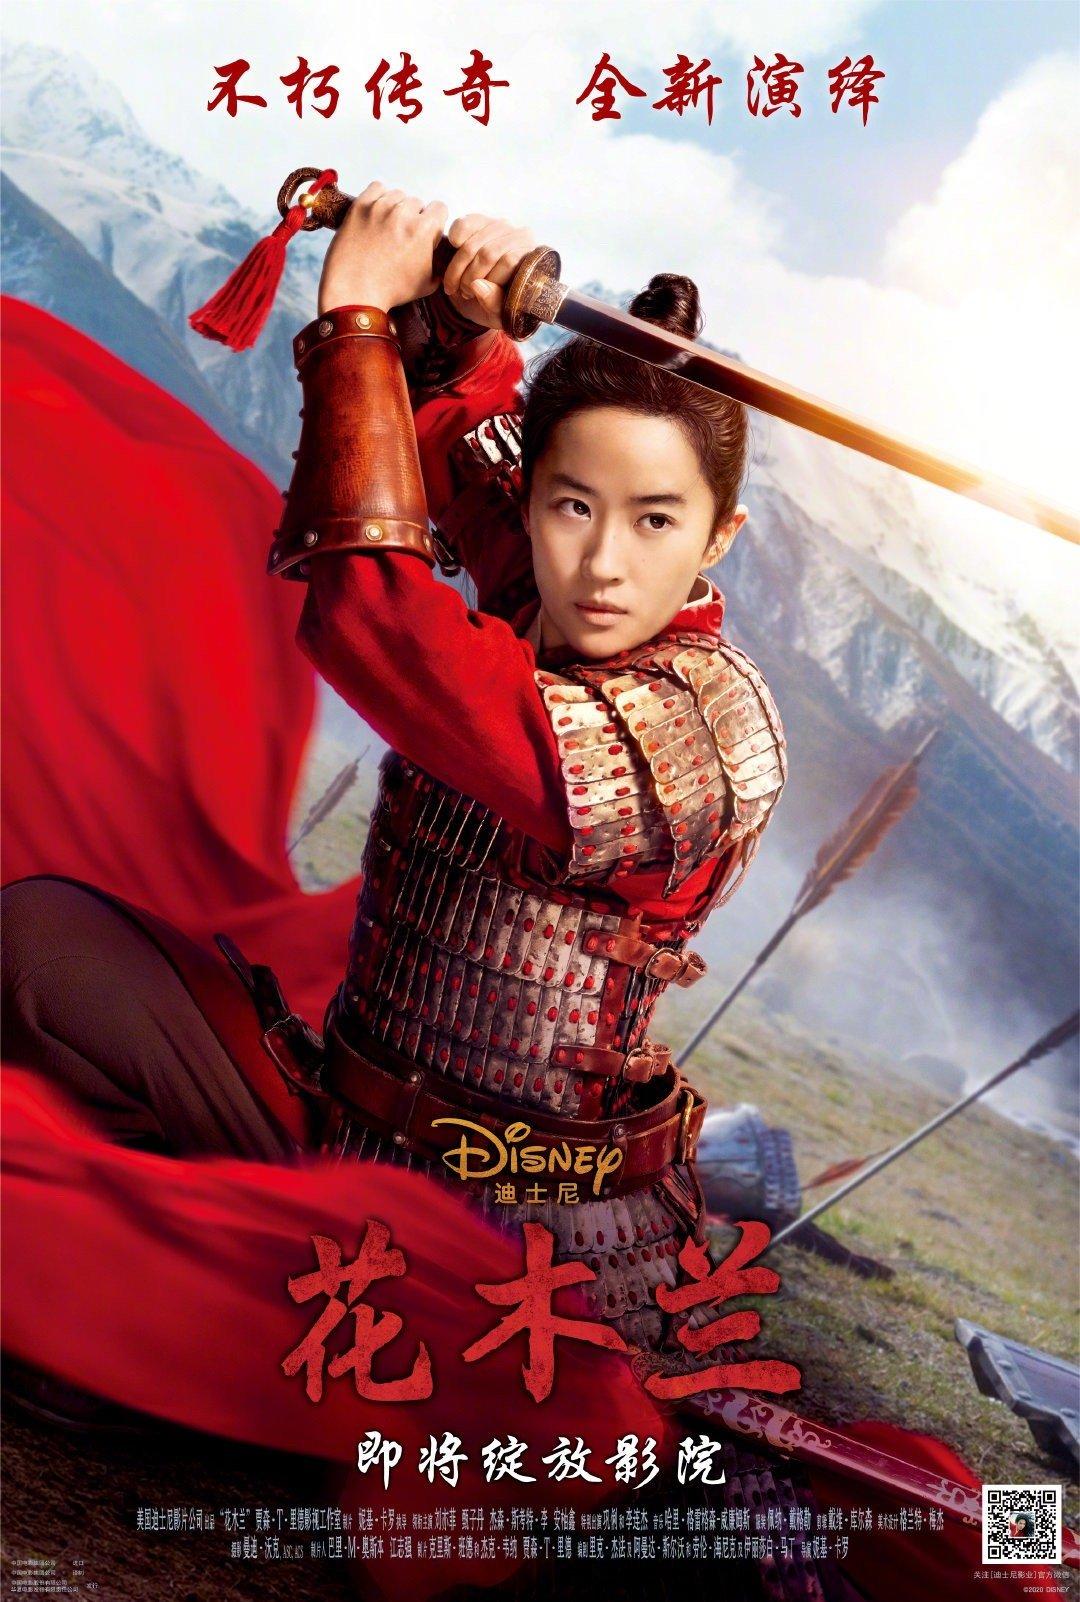 由刘亦菲、甄子丹、巩俐、李连杰、李截、安柚鑫等出演的《花木兰》要